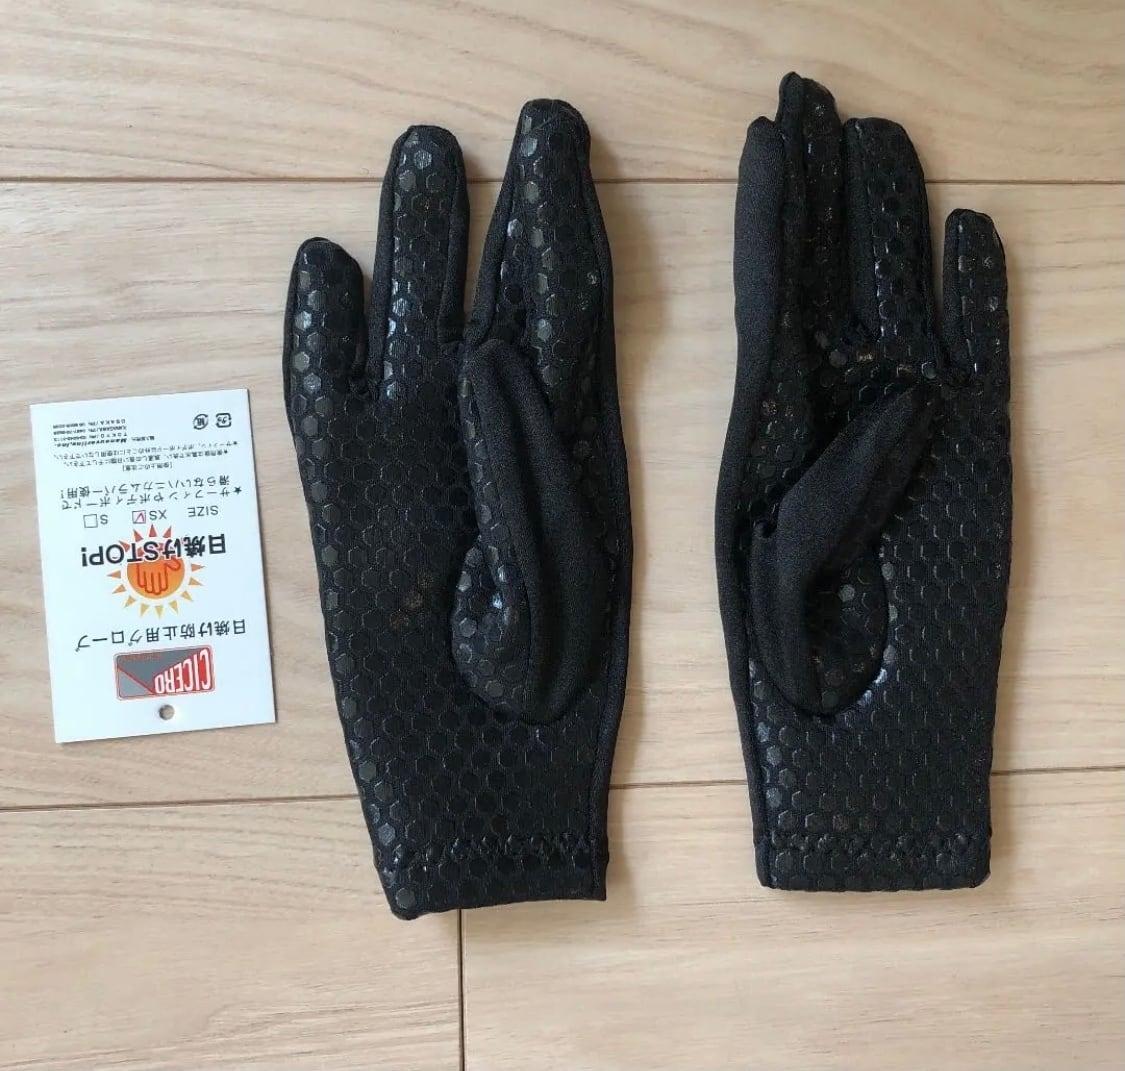 CICERO 日焼け防止グローブ ブラックXS